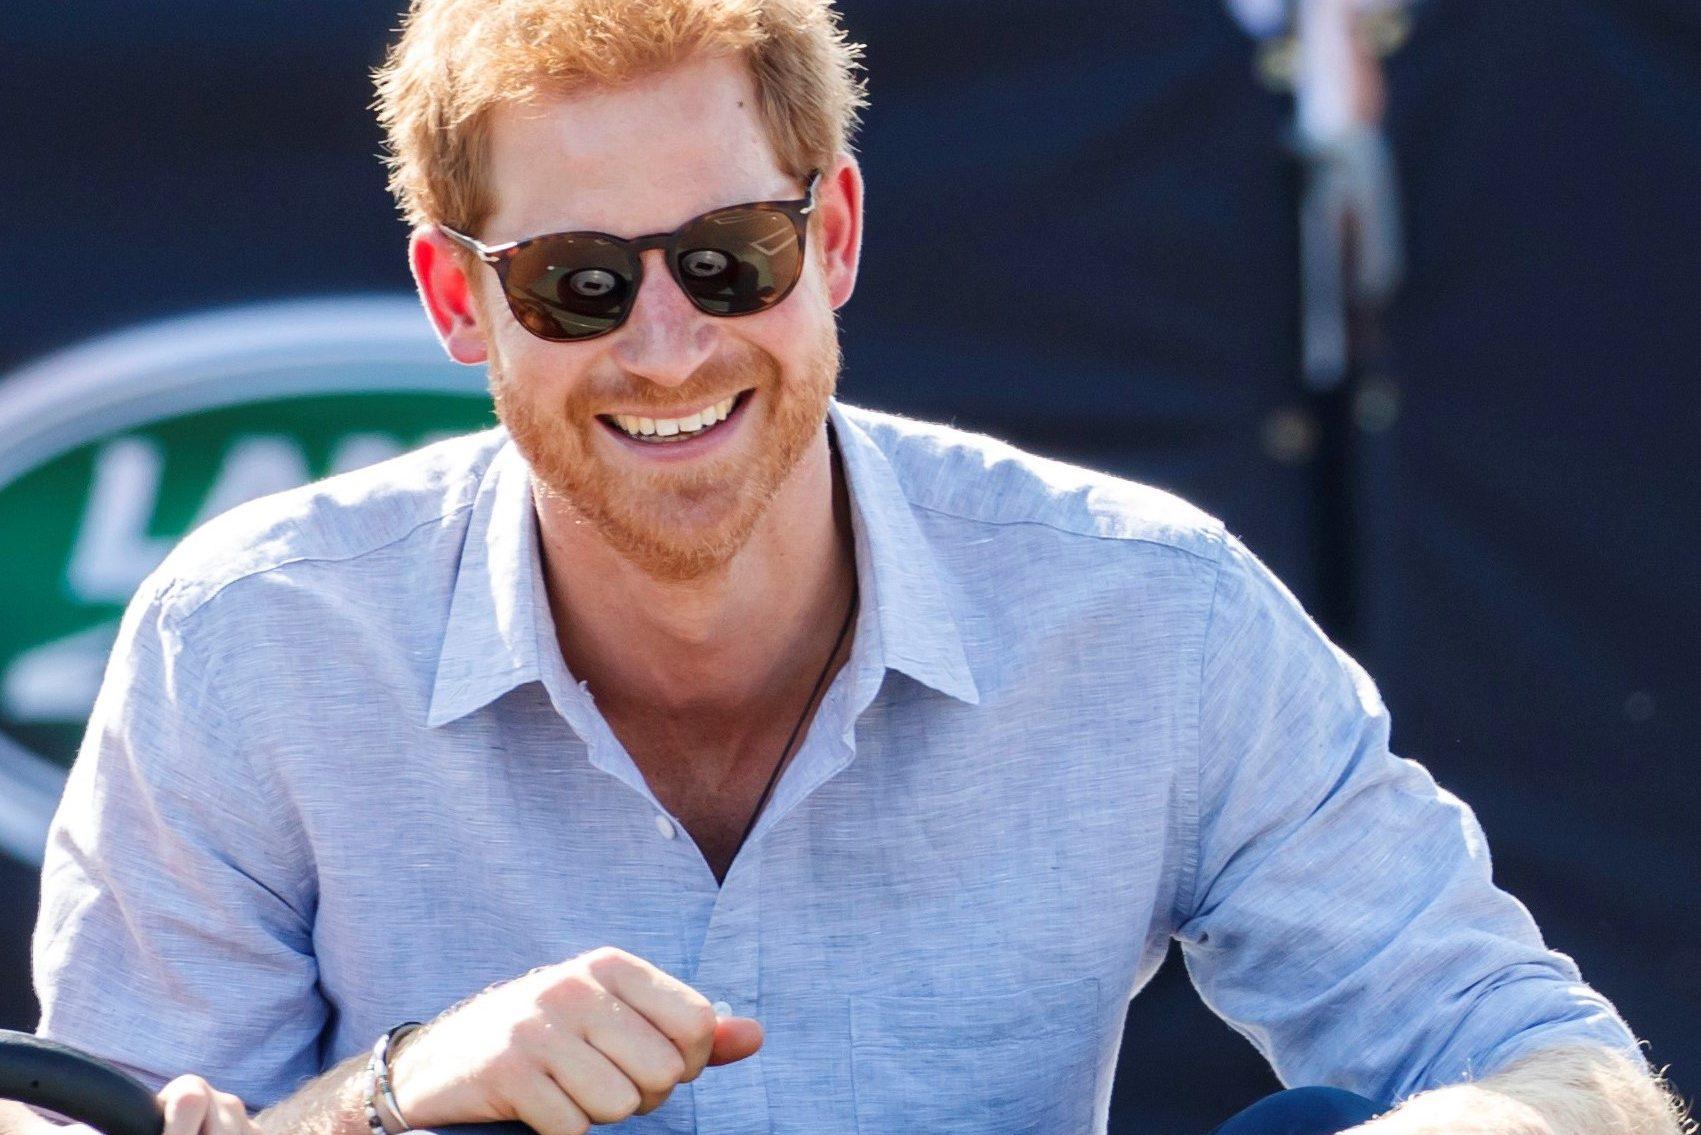 Il Principe Harry compie gli anni. William e Kate lo «celebrano» con un Tweet glaciale: rottura definitiva?